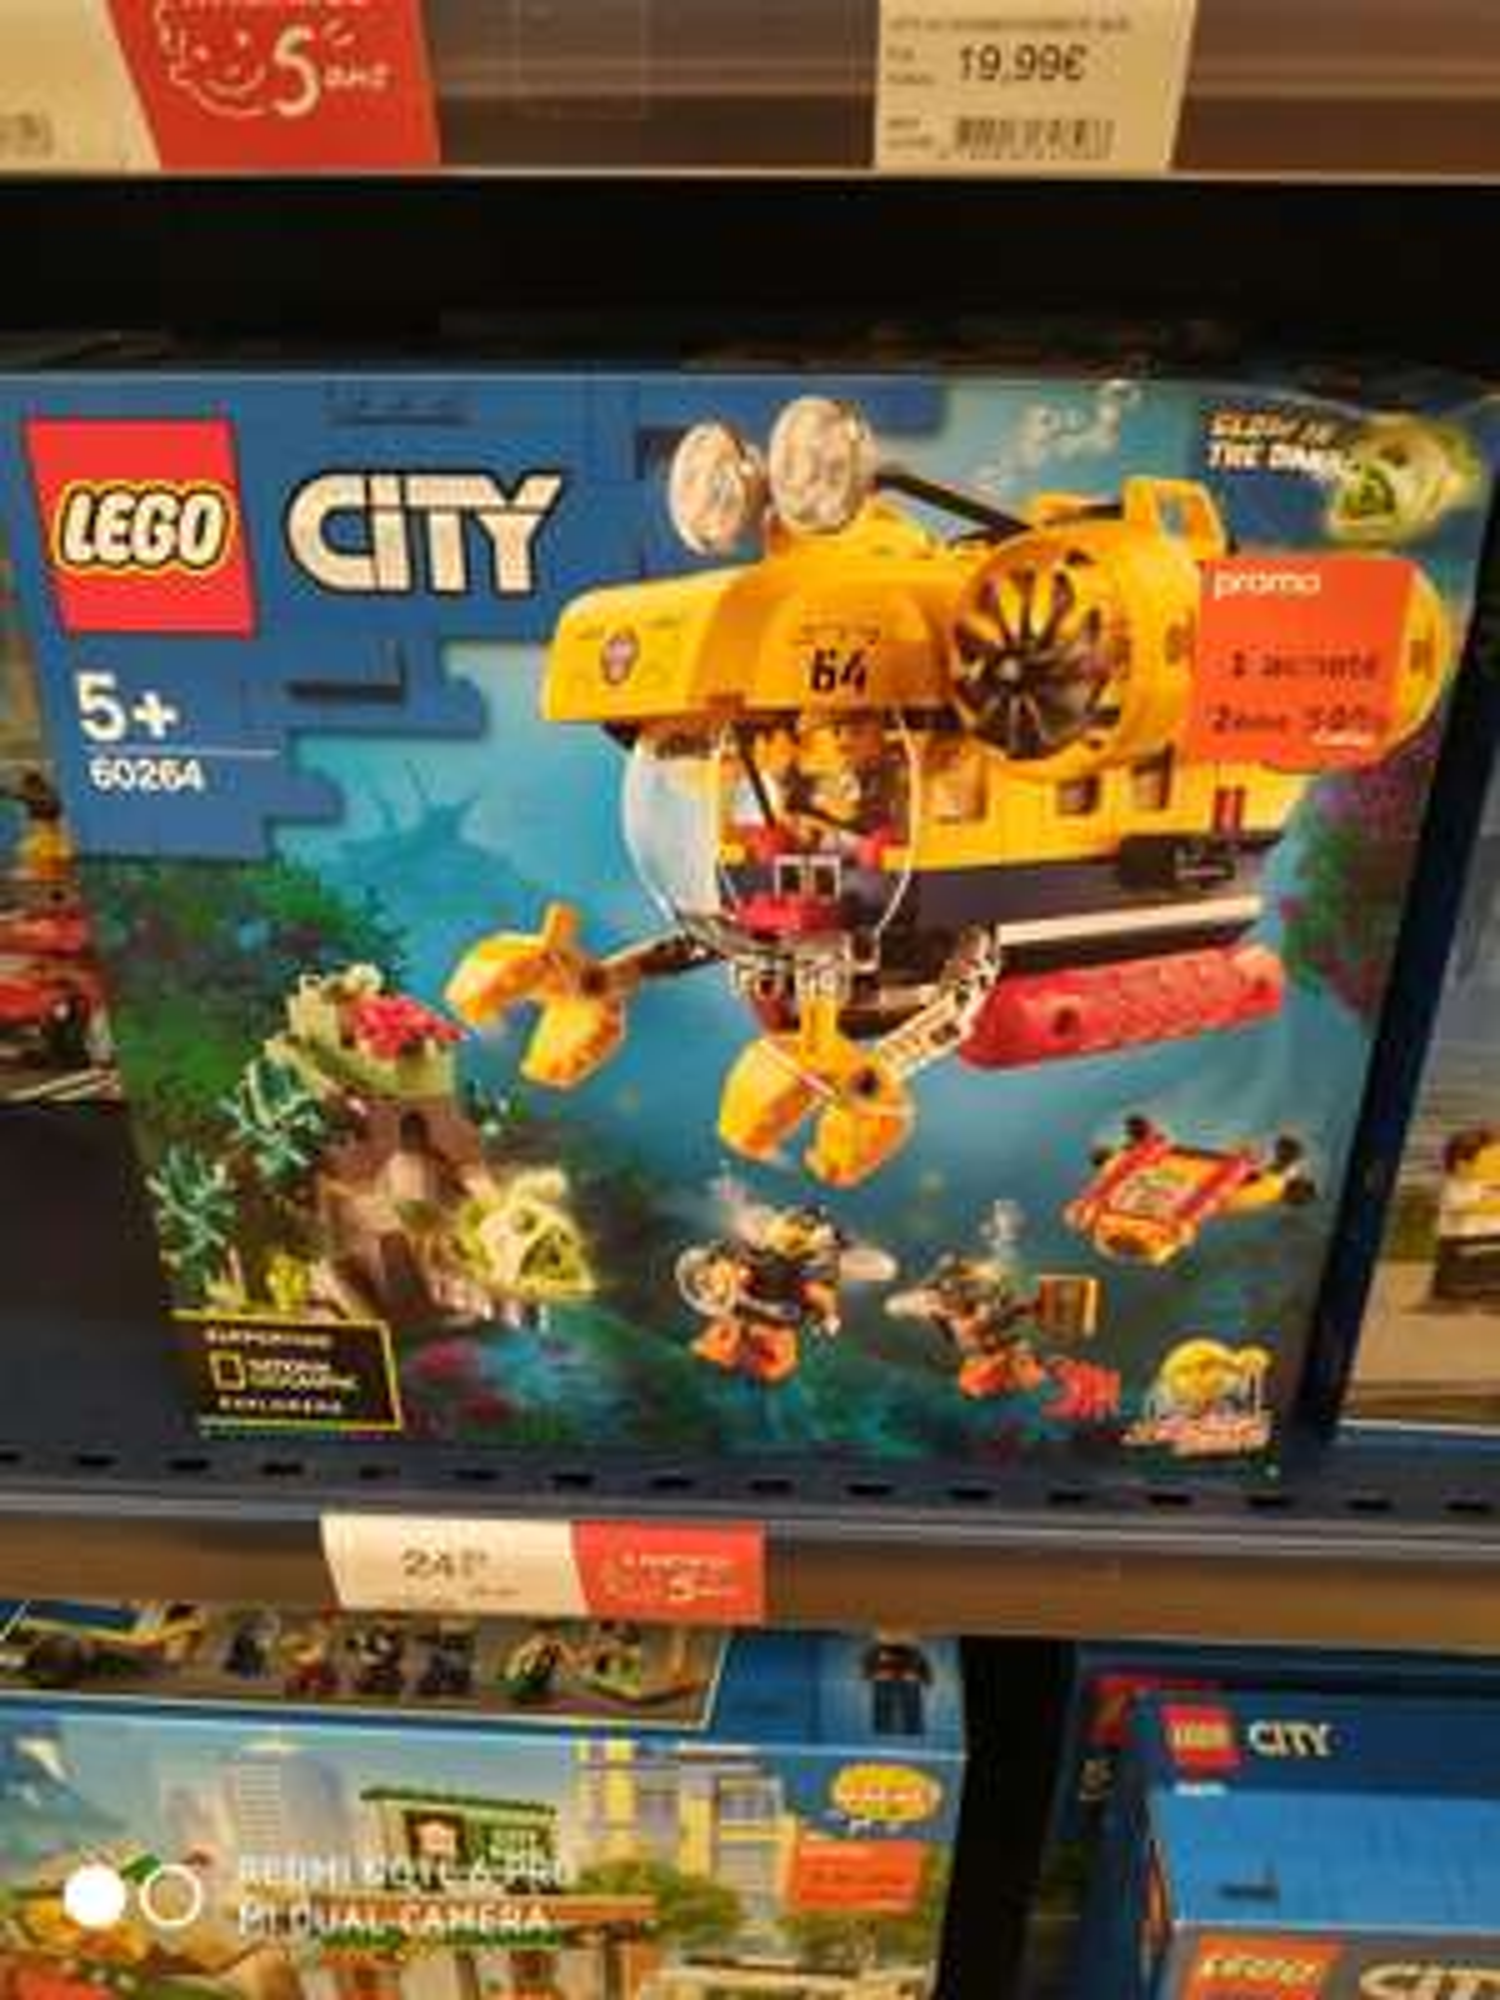 50% de réduction sur le second jouet Lego parmi une sélection - Narbonne (11)